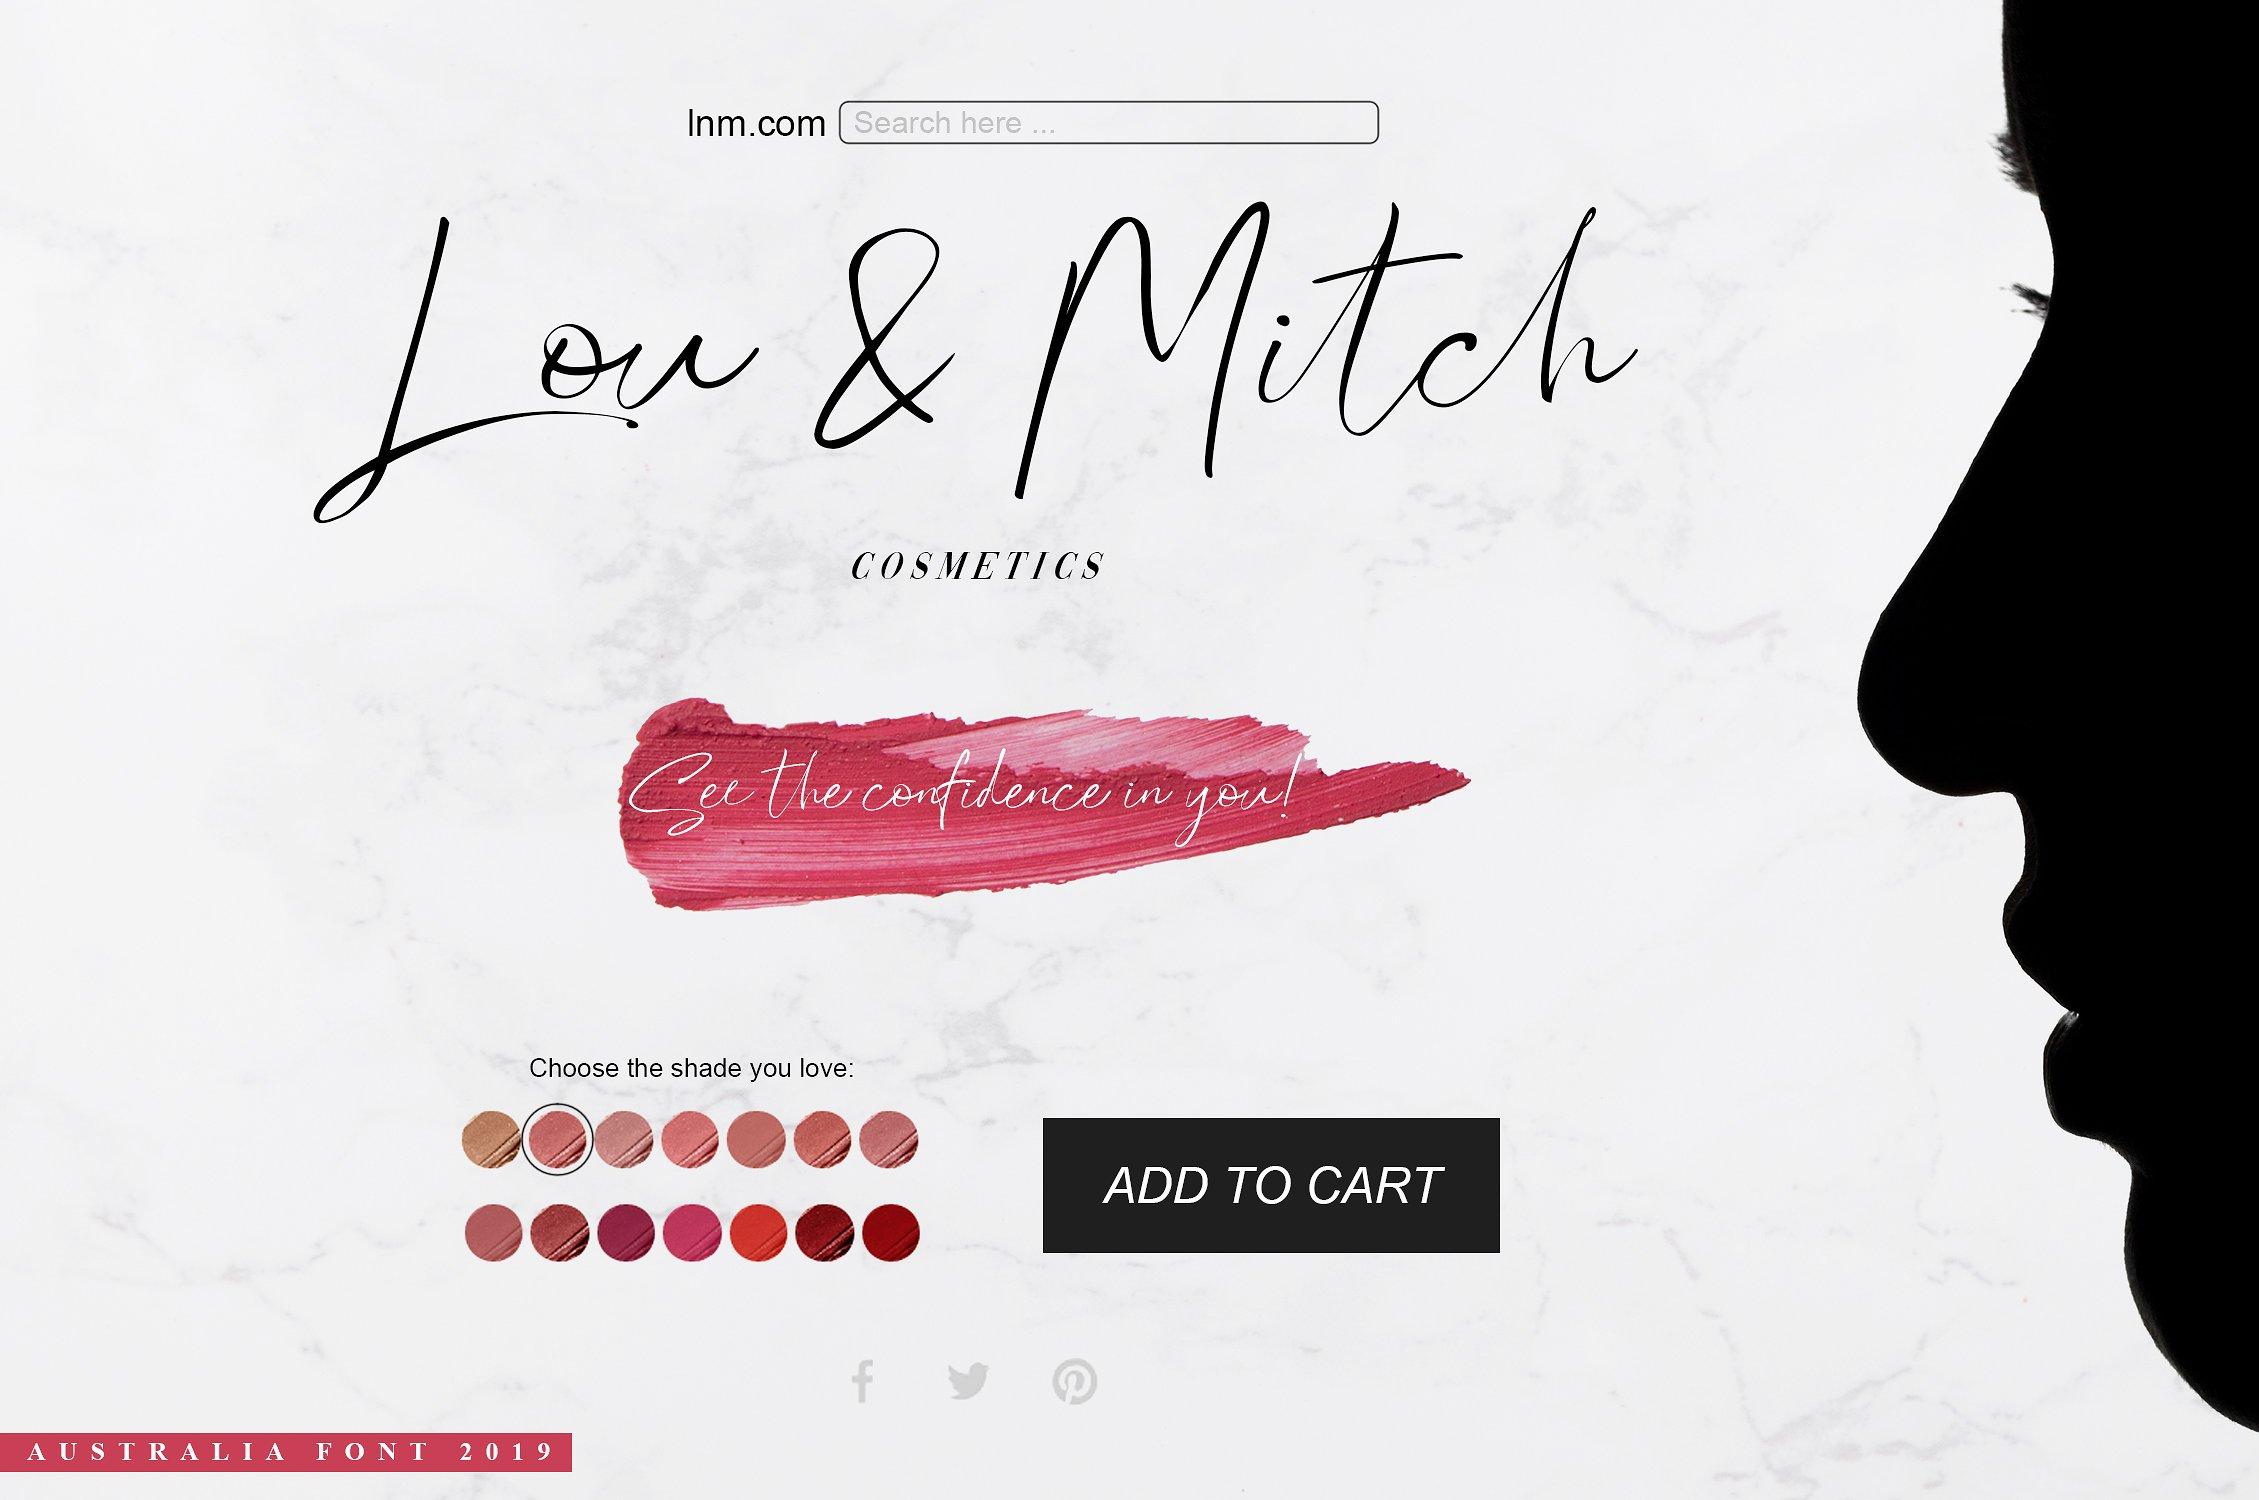 australia-cosmetics-